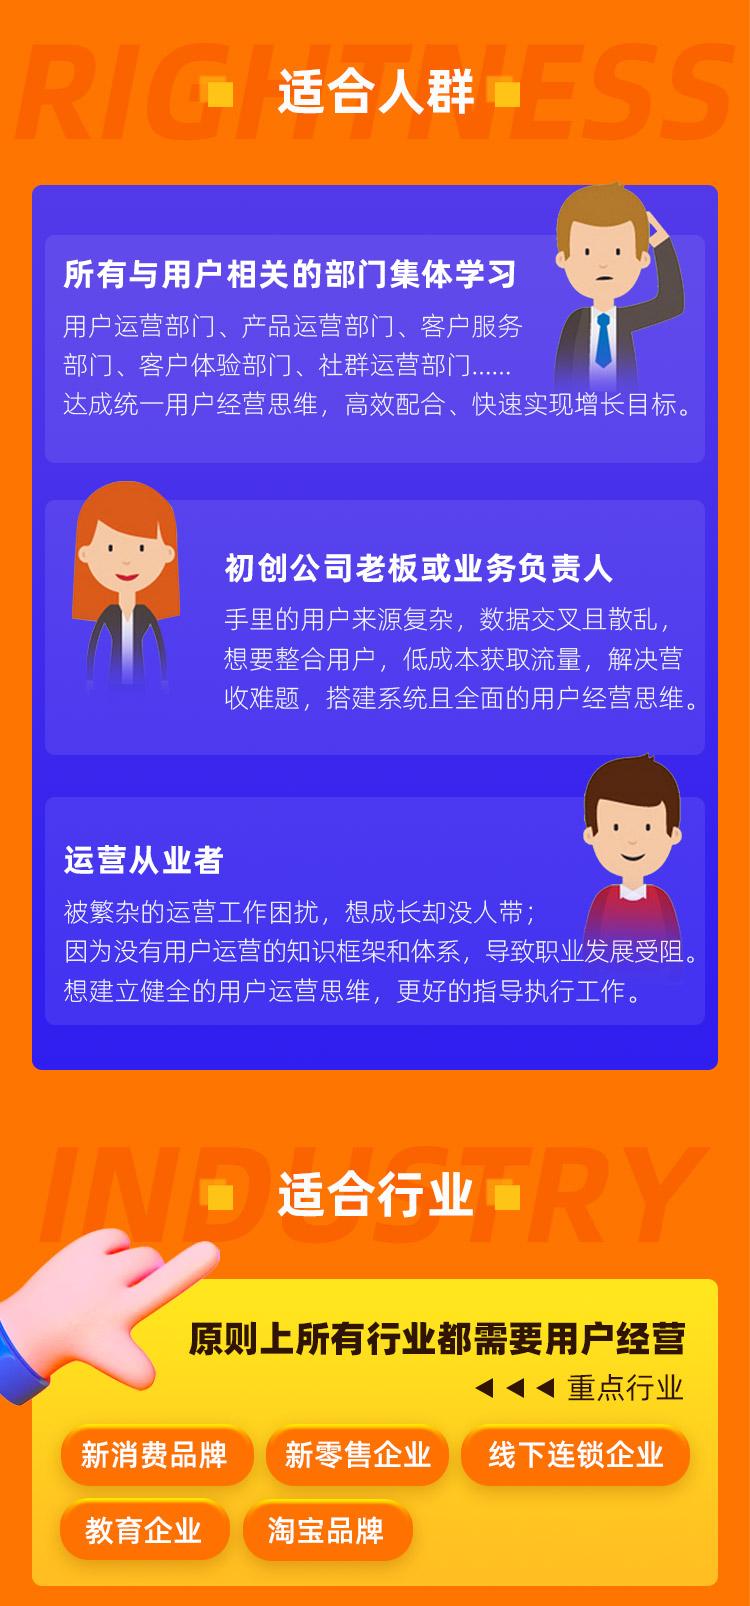 http://mtedu-img.oss-cn-beijing-internal.aliyuncs.com/ueditor/20210514192853_597310.jpg